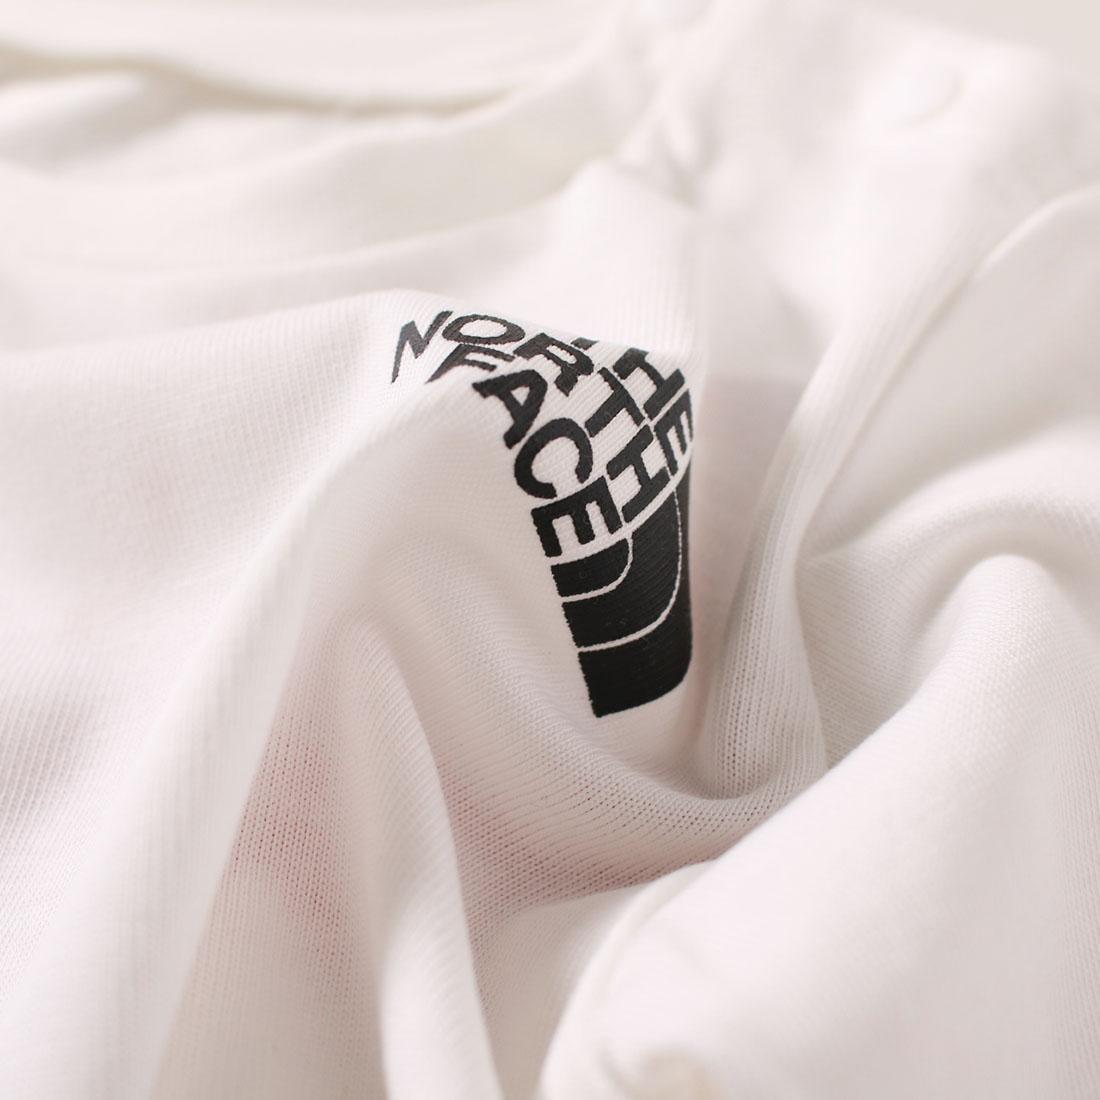 ノースフェイス THE NORTH FACE○新作○L/S Square Logo Tee/ロングスリーブスクエアロゴティー(120cm 130cm 140cm)長袖Tシャツ【メール便可】NTJ81826